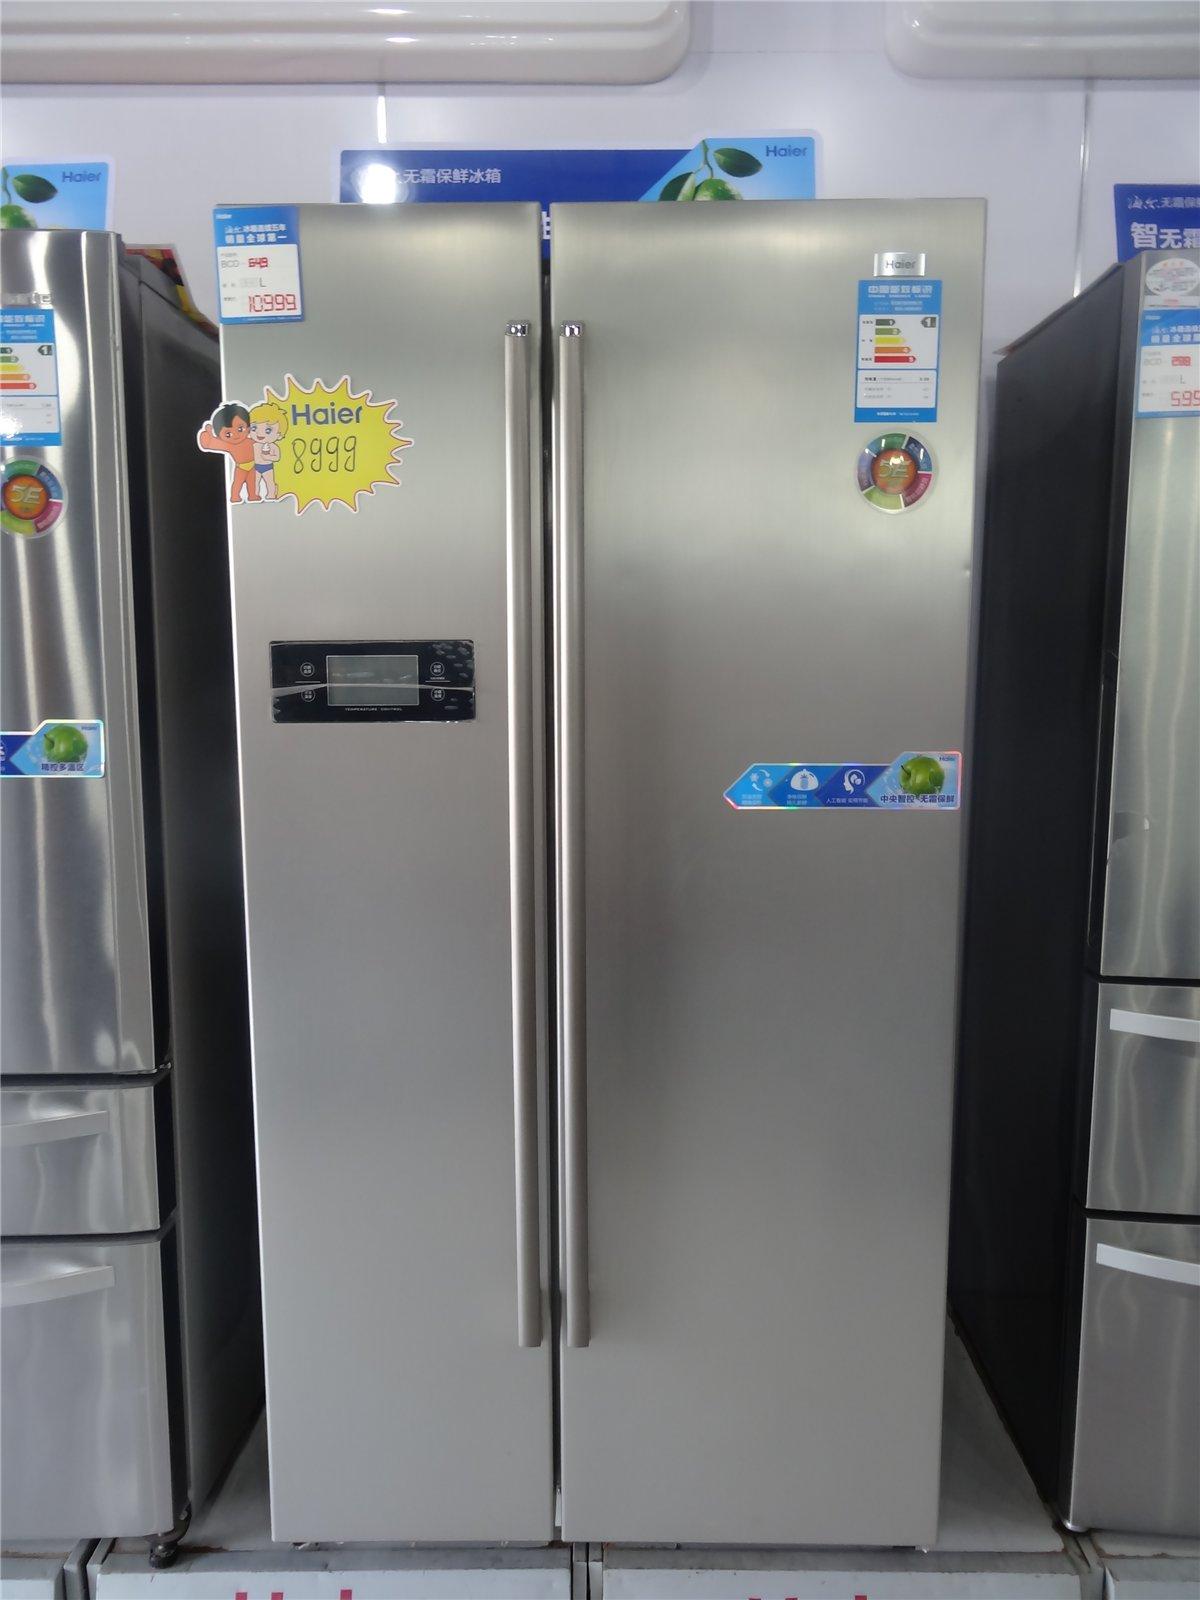 电冰箱图片大全_海尔冰箱图片大全图片展示_海尔冰箱图片大全相关图片下载